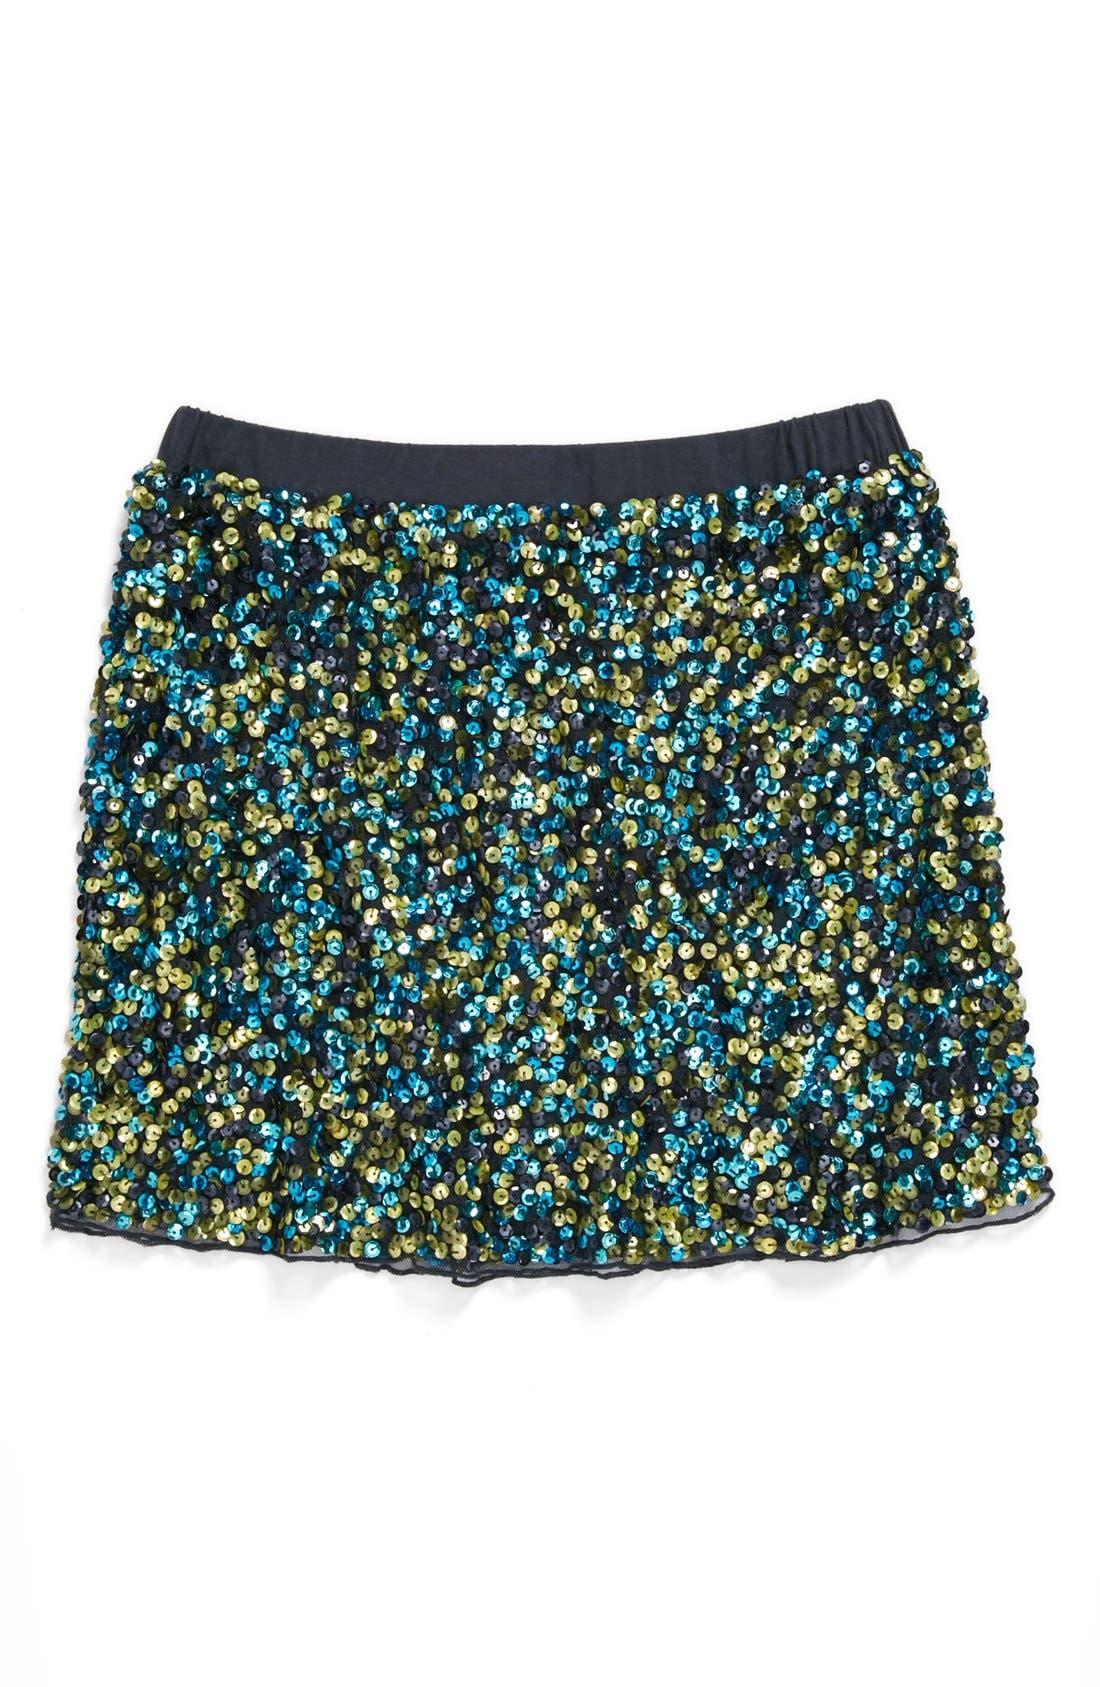 Alternate Image 1 Selected - Peek 'Zoe' Sequin Skirt (Toddler Girls, Little Girls & Big Girls)